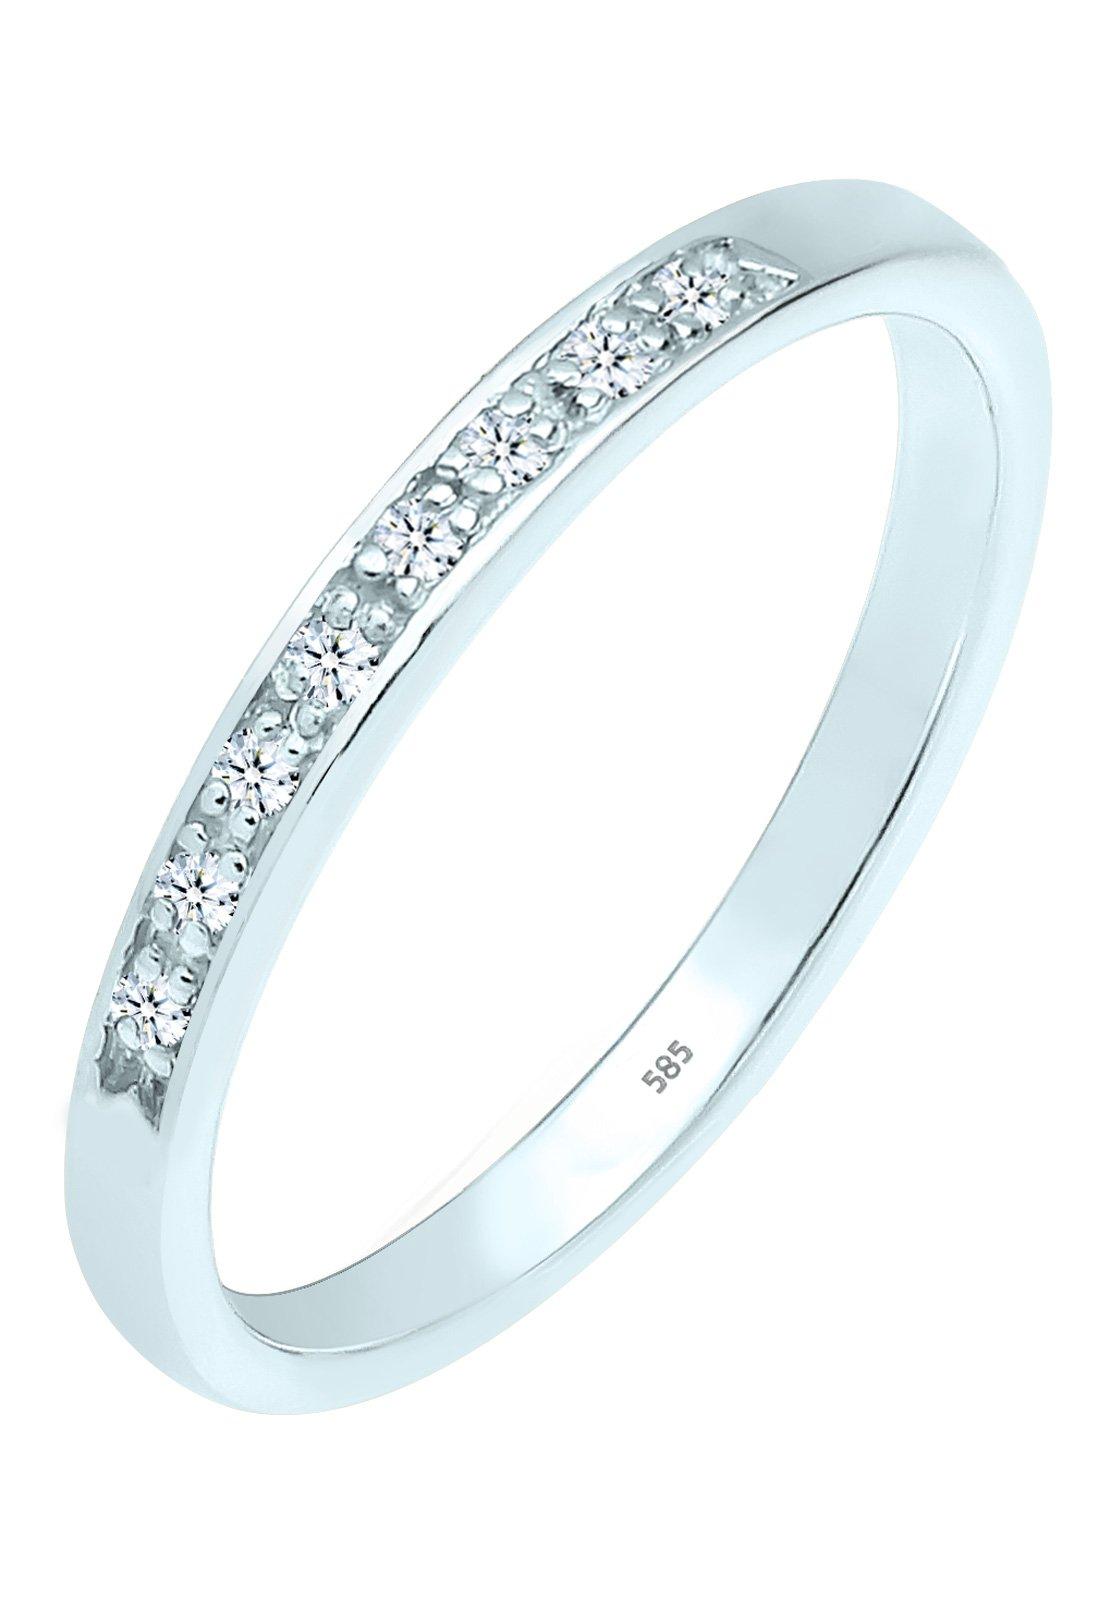 Diamore Fedina da donna in oro bianco 585 con diamanti (0.08 ct) bianchi, taglio brillante, oro bia